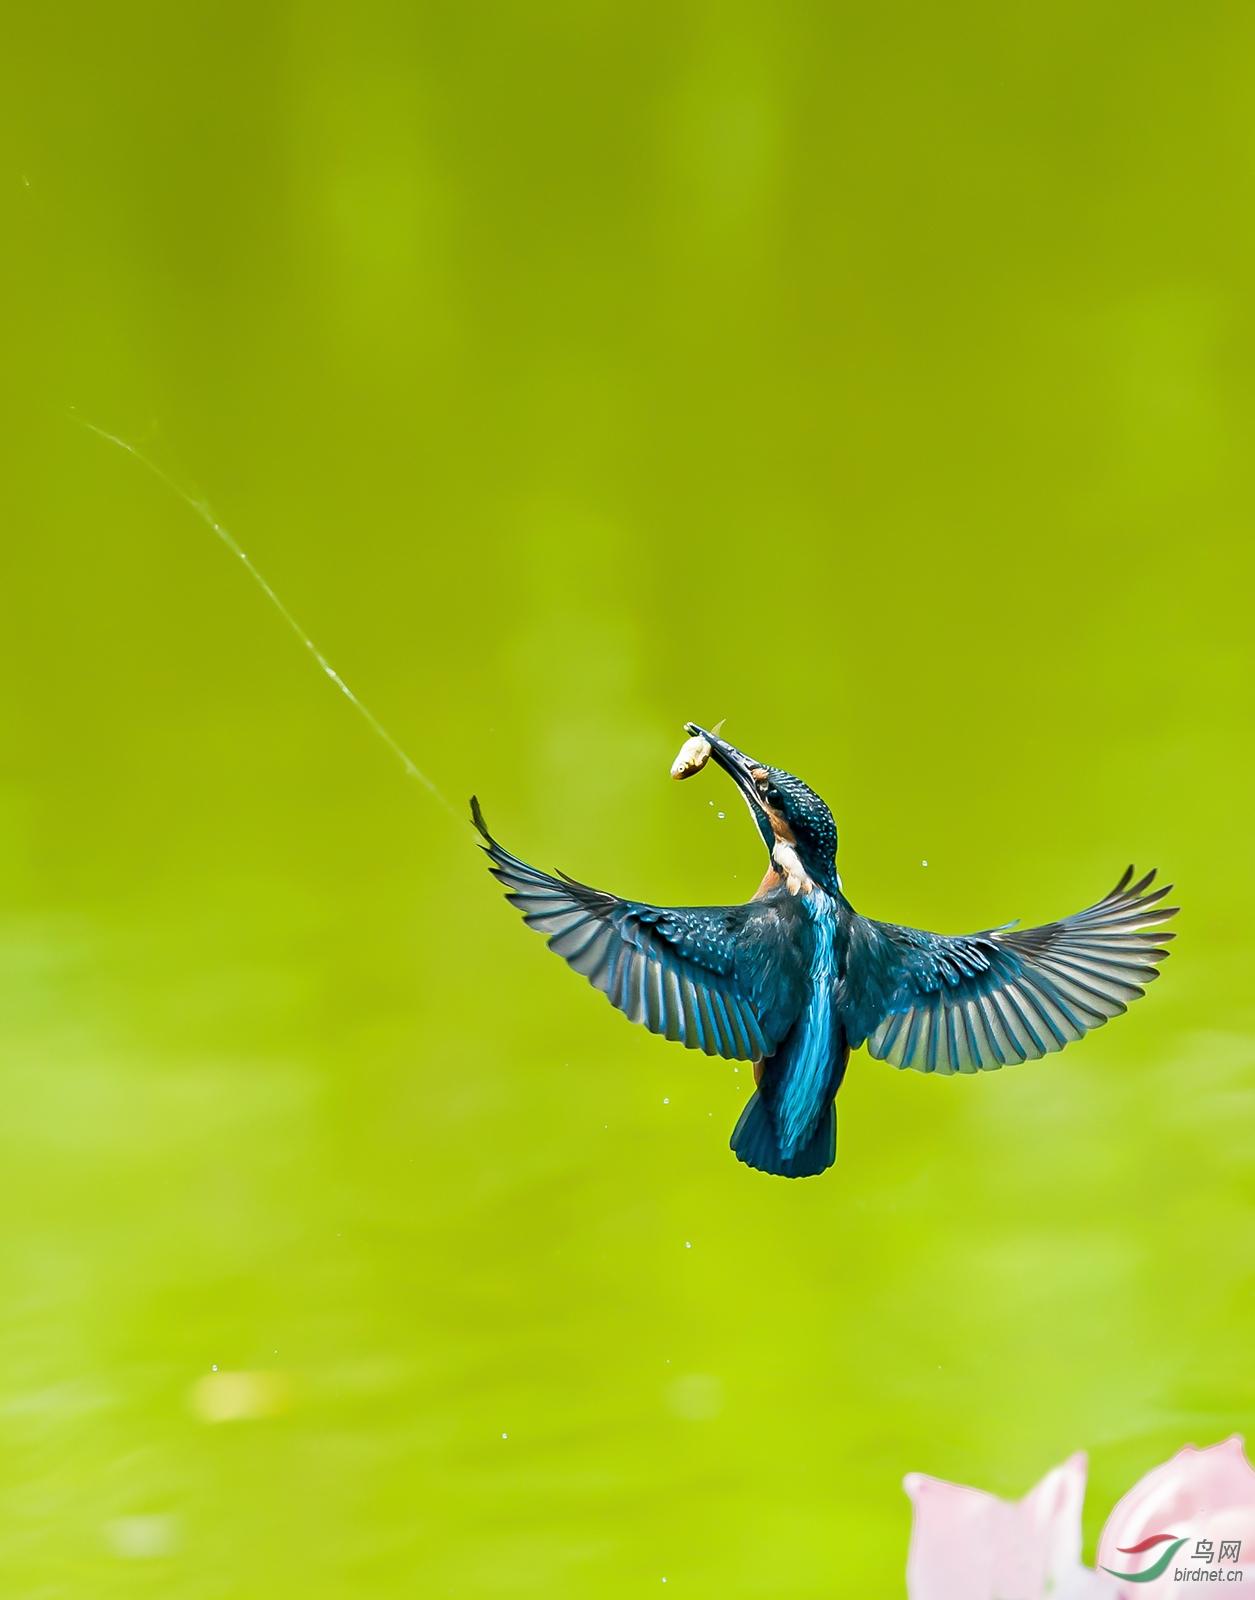 翠鸟.jpg